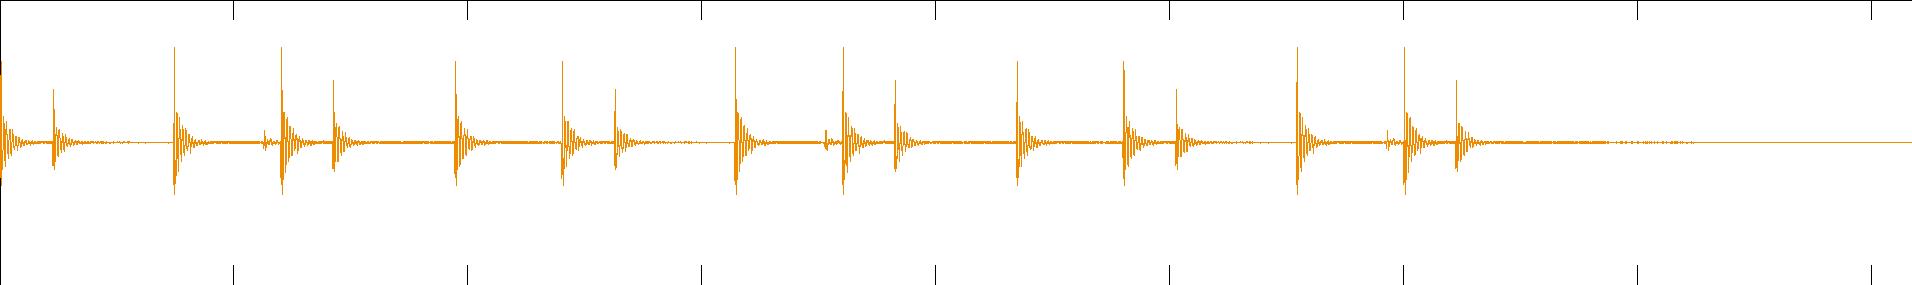 WaveDrum02_23_KD